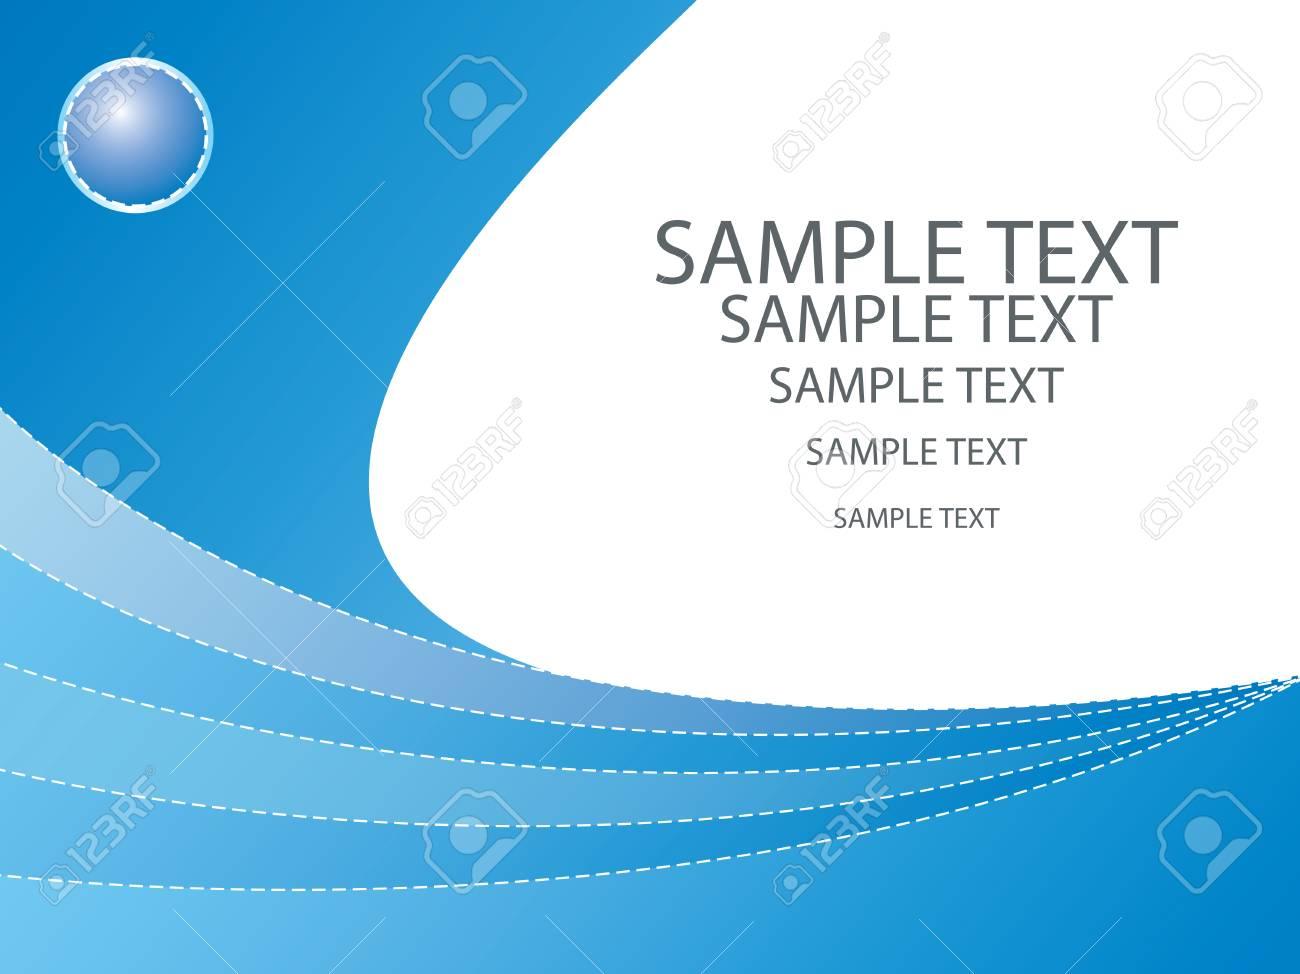 Resumen De Diseño De Fondo Con Espacio Para Incluir Texto ...